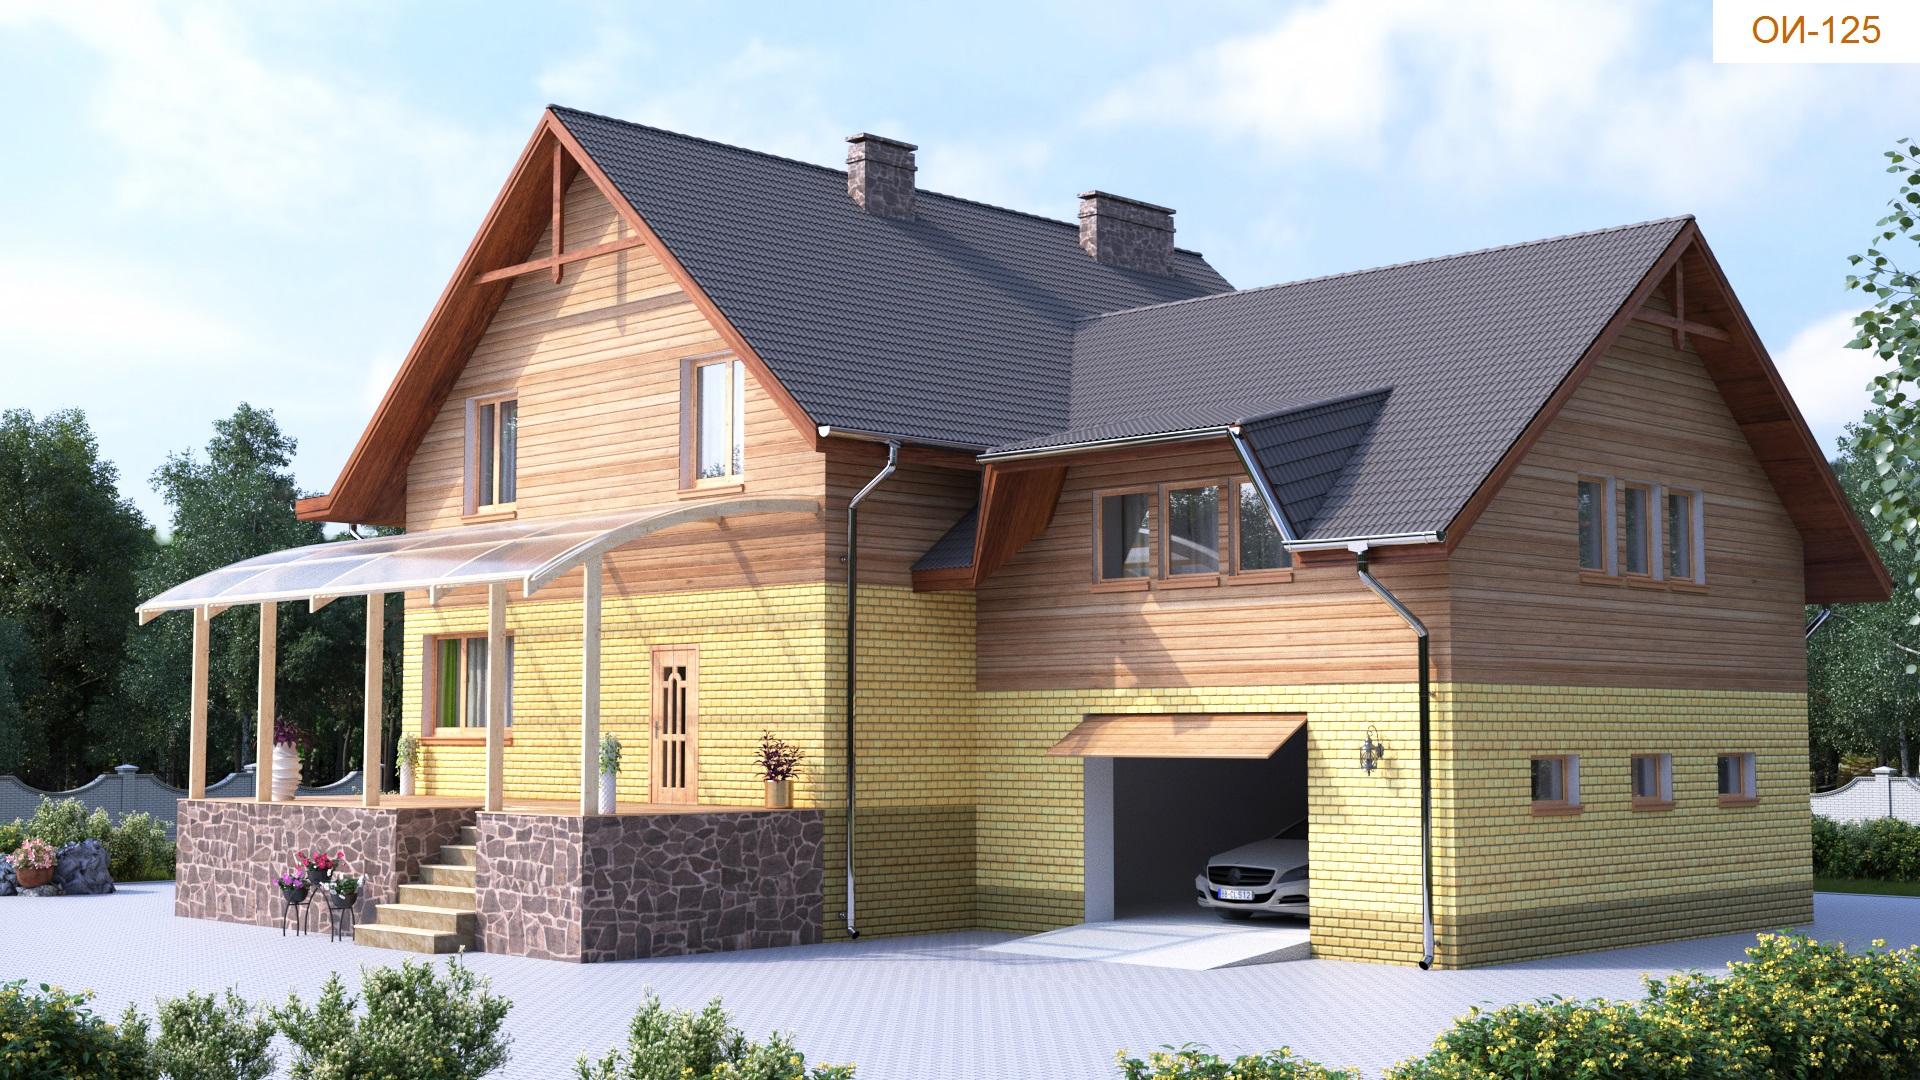 Проект коттеджа 343кв. м / Артикул ОИ-125 фасад